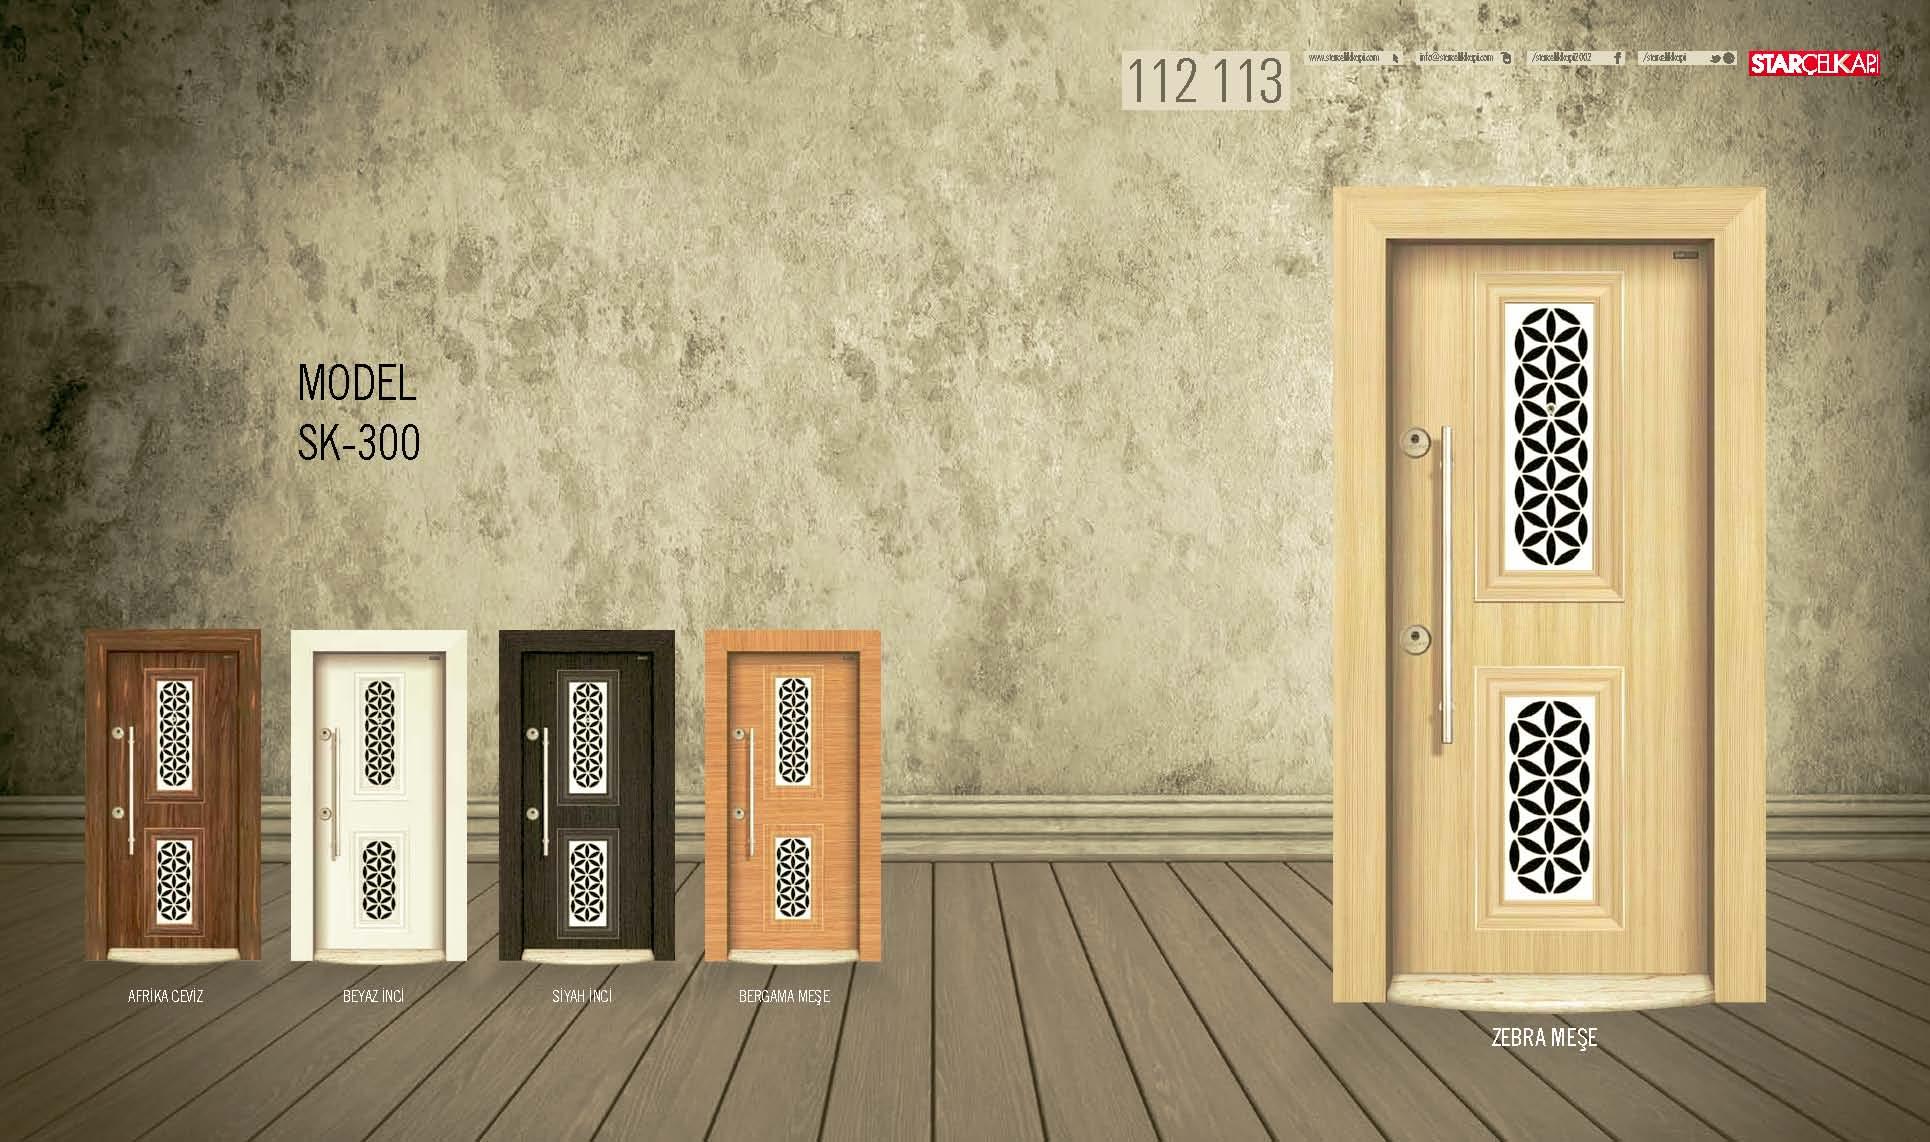 vhodni-vrati-starcelik_page_57